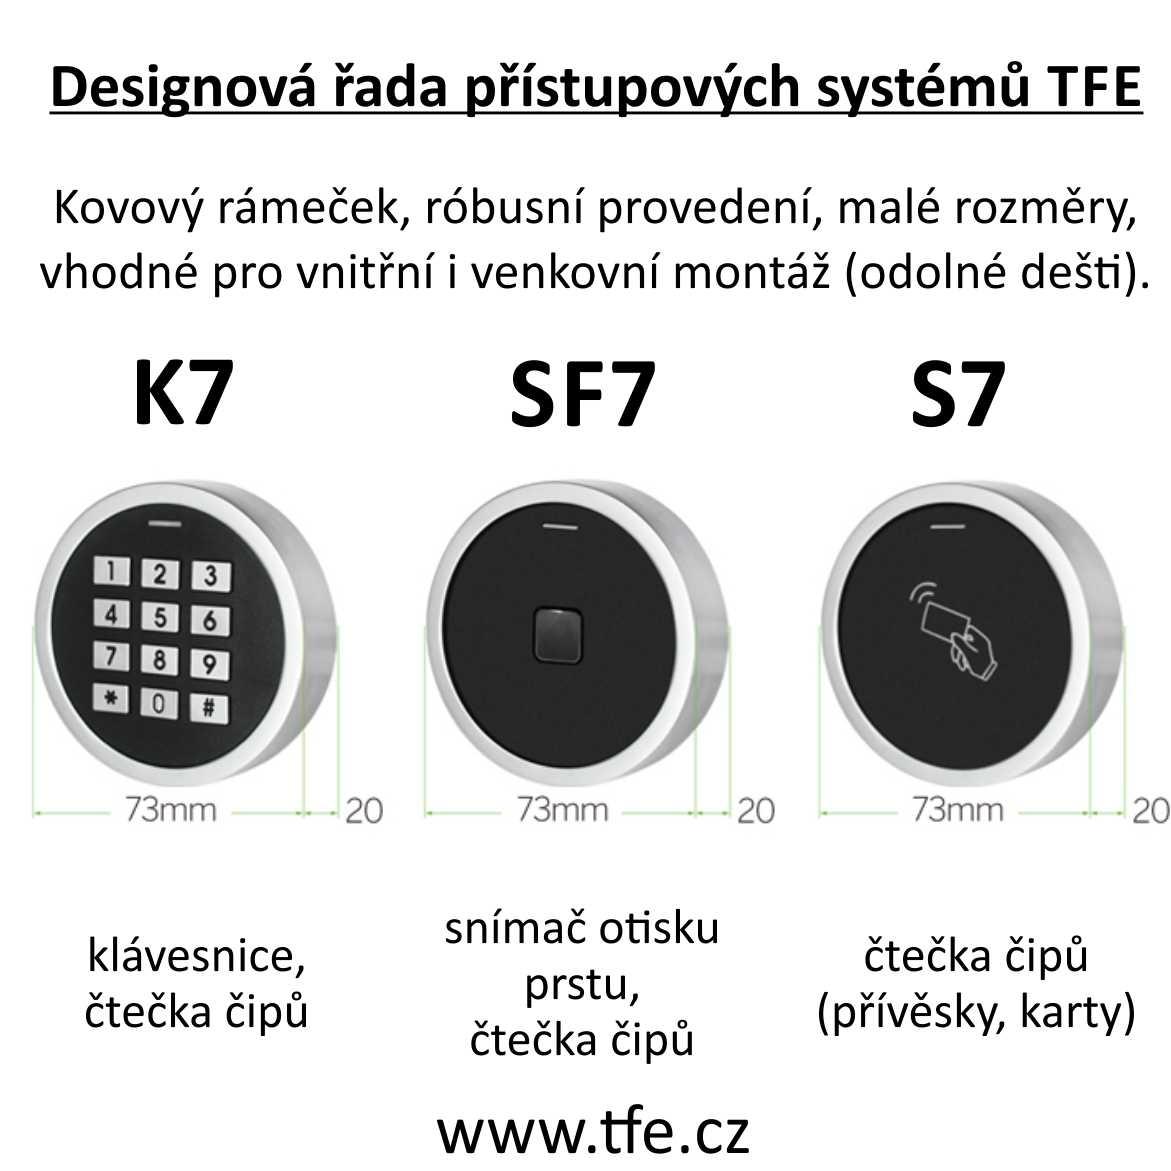 Přístupový systém S7 s čtečkou RFID čipů a karet